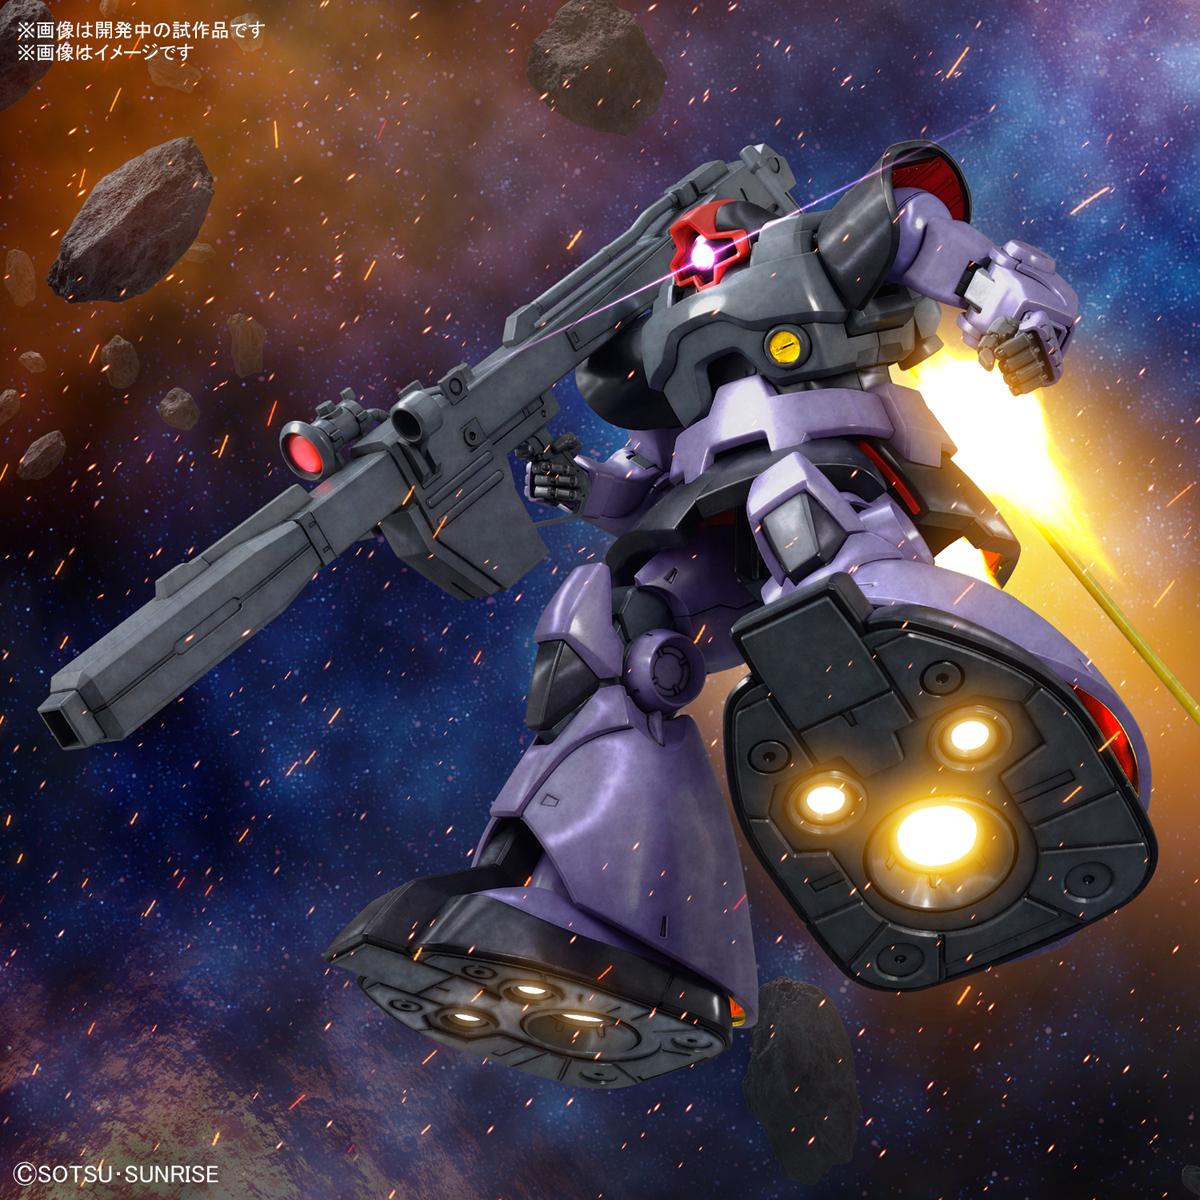 MG 1/100『リック・ドム』機動戦士ガンダム プラモデル-006